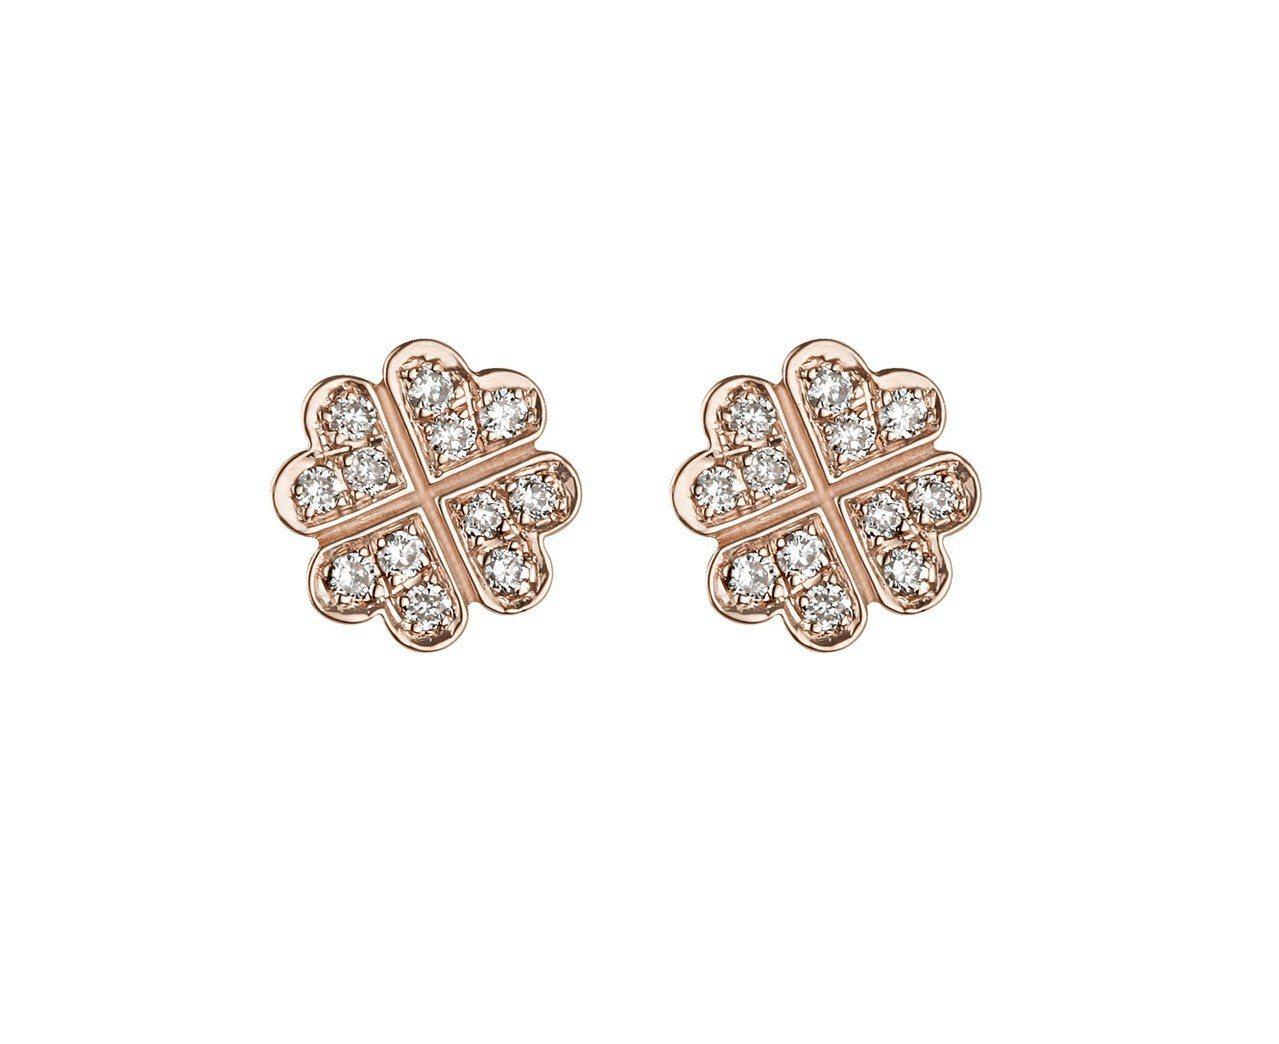 梅根同款的Vanessa Tugendhaft 幸運草玫瑰金鑲鑽耳針耳環,約26...